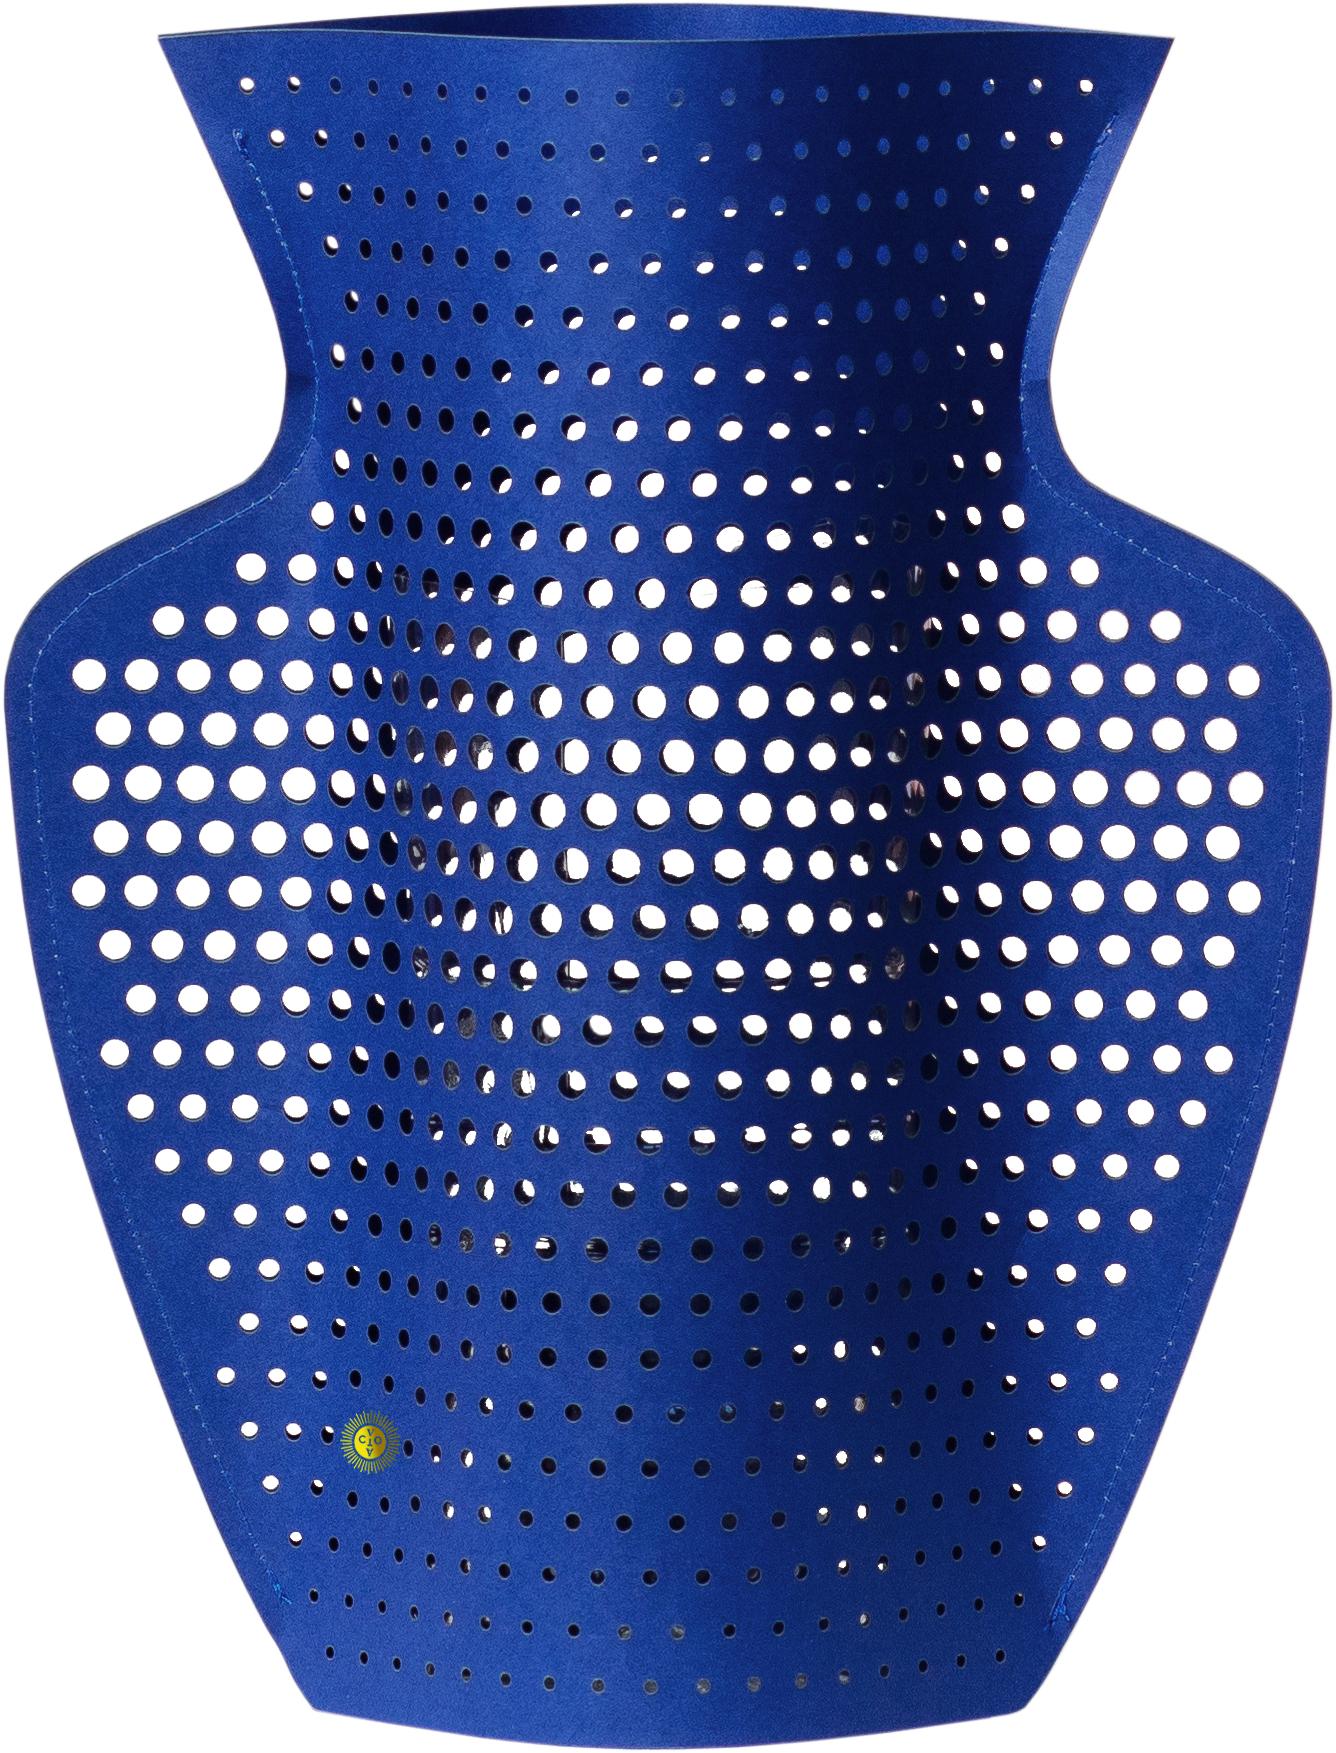 OPVHE-16 - Paper Vase Helio